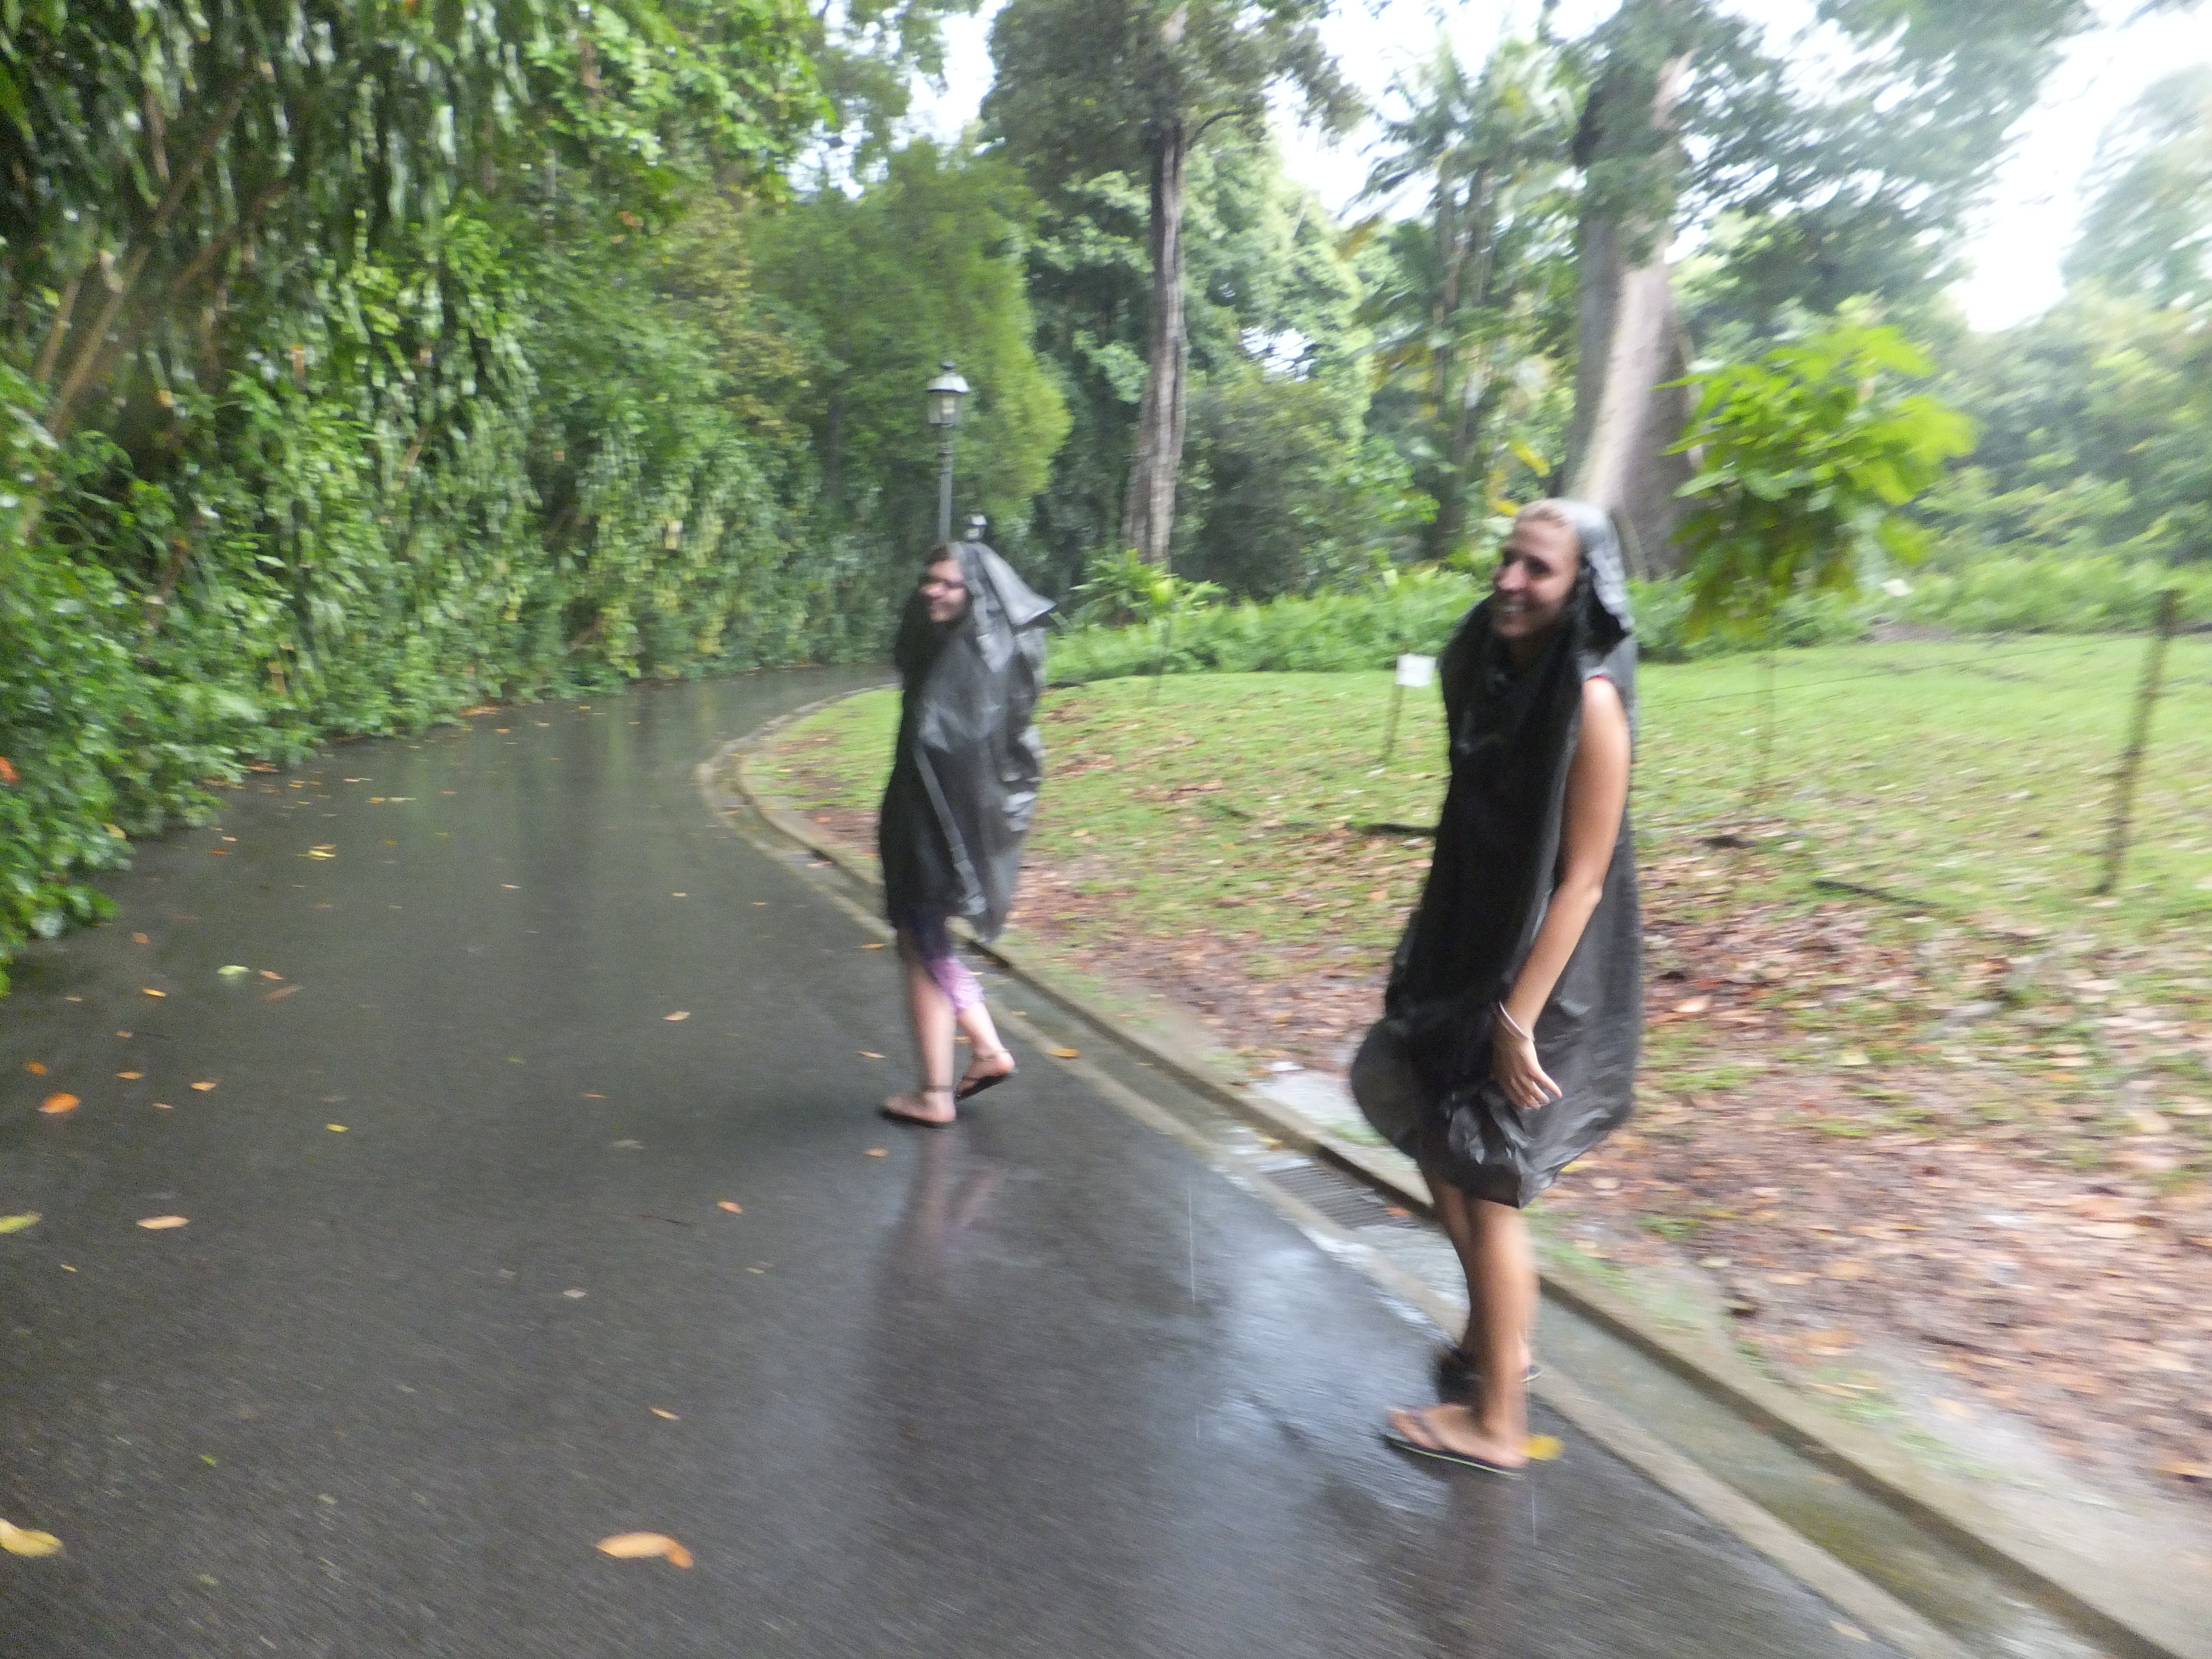 Girls running through the rain